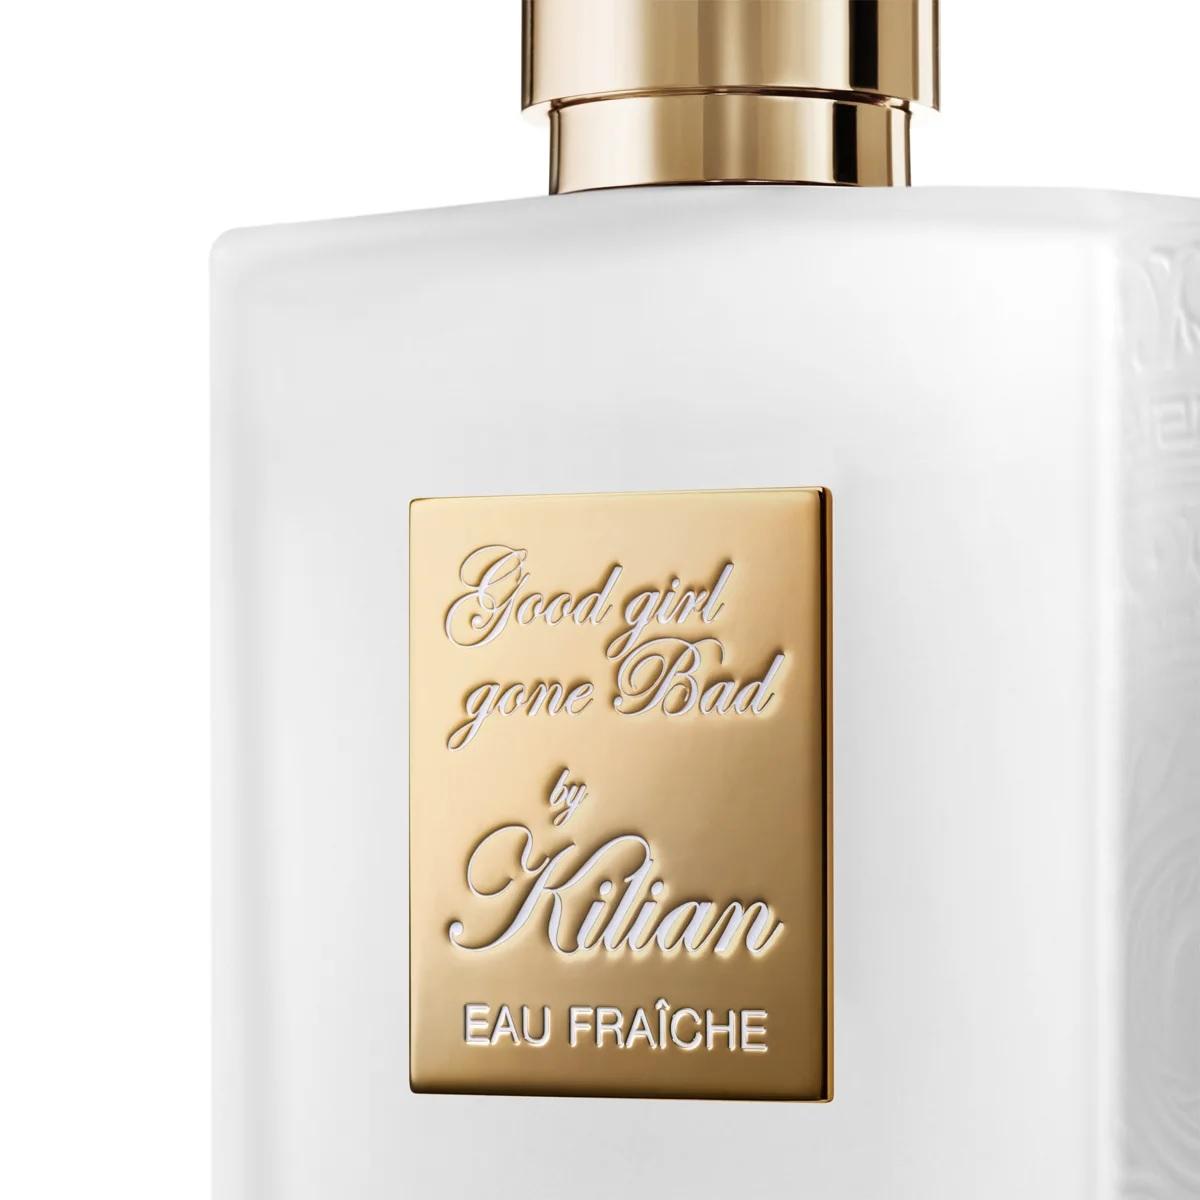 Kilian Love Don't be Shy Eau Fraiche